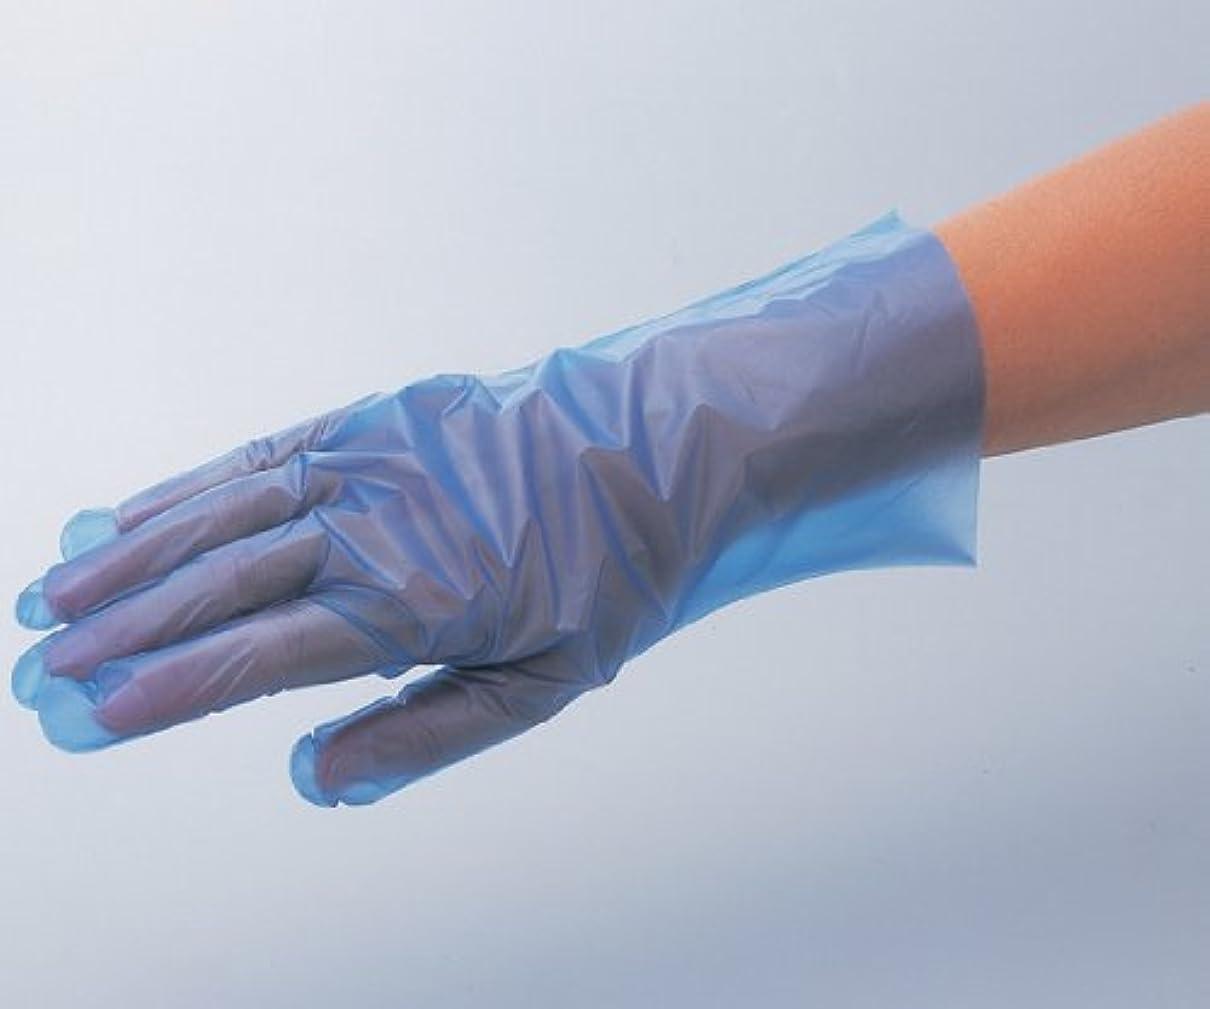 姓豊富なレガシーアズワン6-9730-56サニーノール手袋エコロジーケース販売6000枚入Sブルー